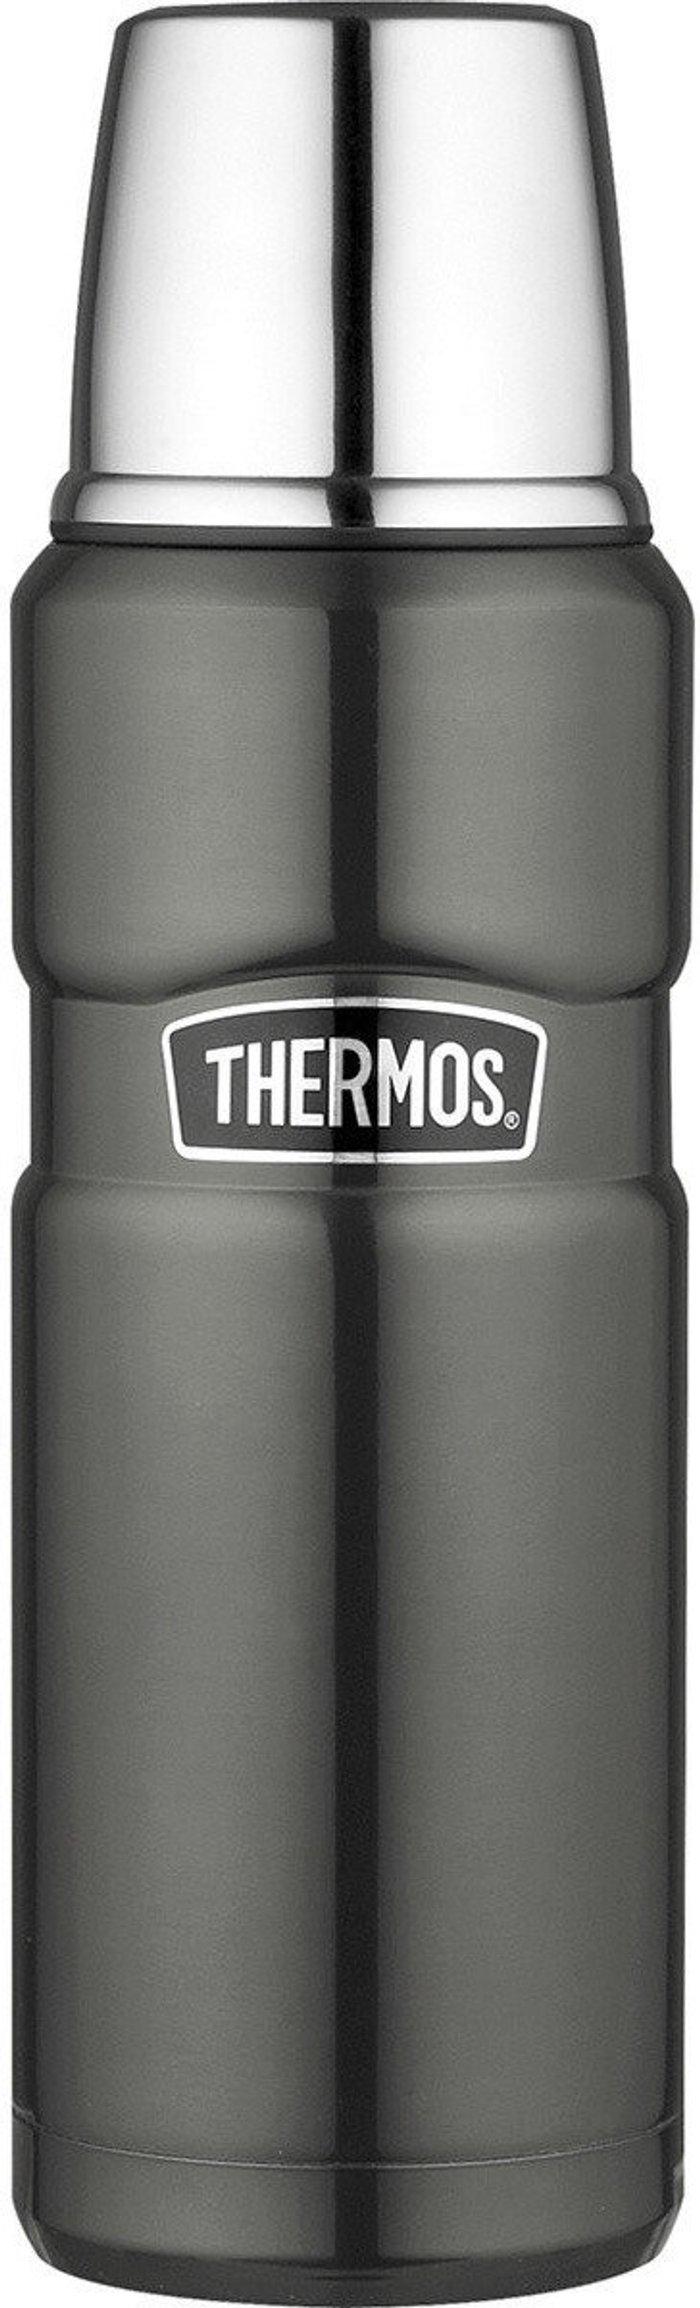 Thermos Thermos 4003.218.047